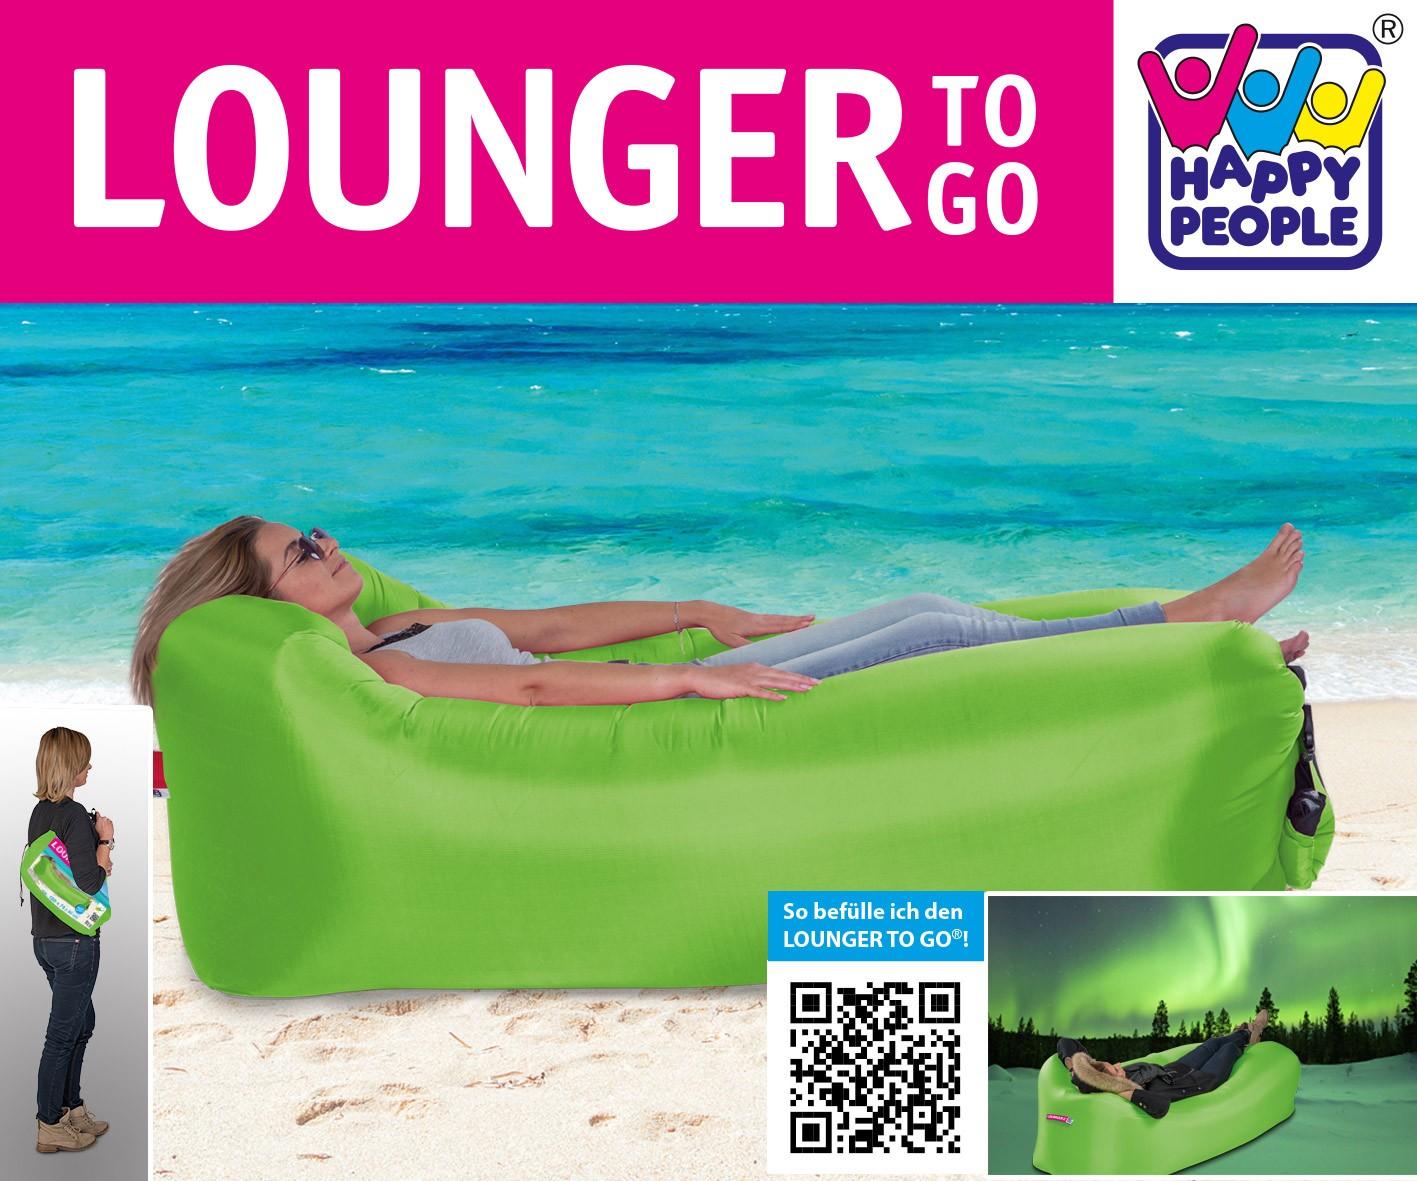 Luftsofa / Luftliege Lounger To Go 240x70cm grün Happy People 78094 Bild 2